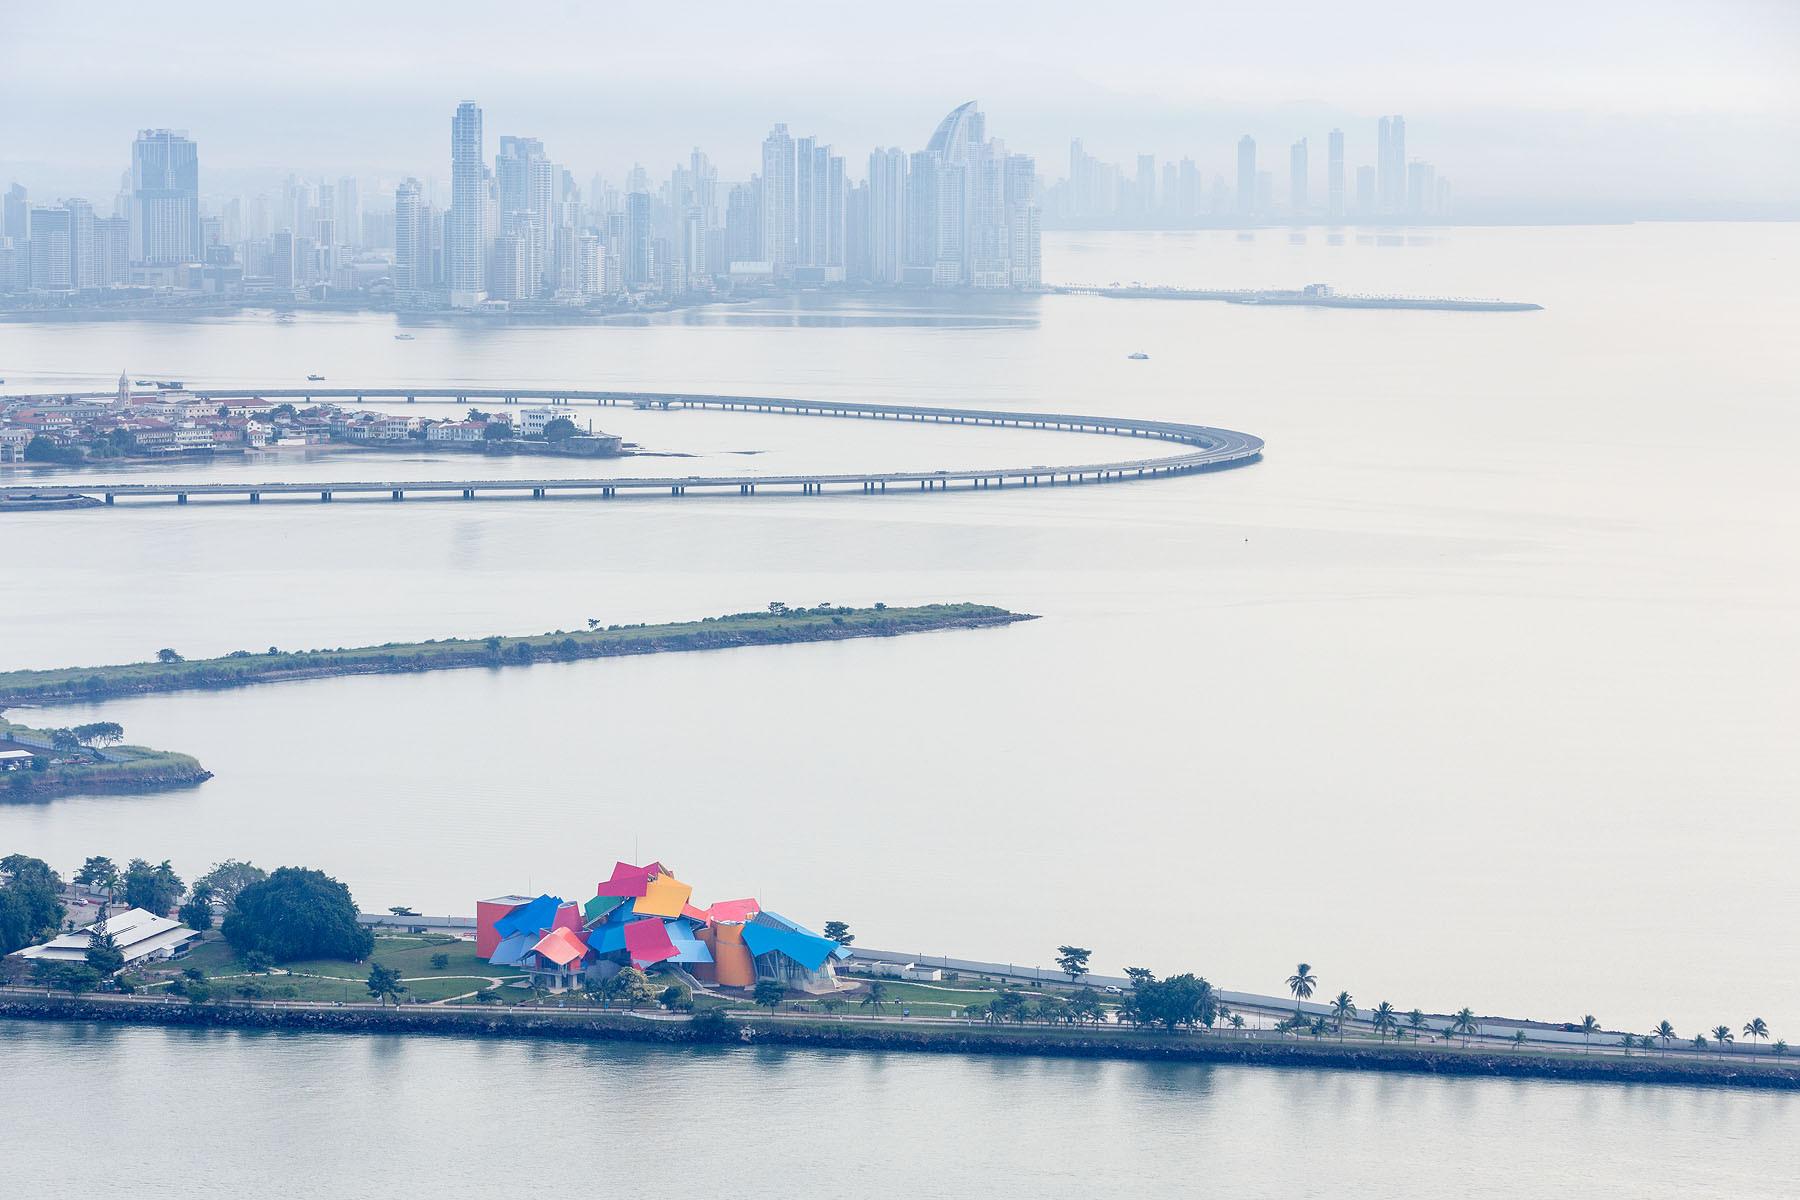 BioMuseo, Frank Gehry; Ciudad de Panamá. Imagen © Iwan Baan